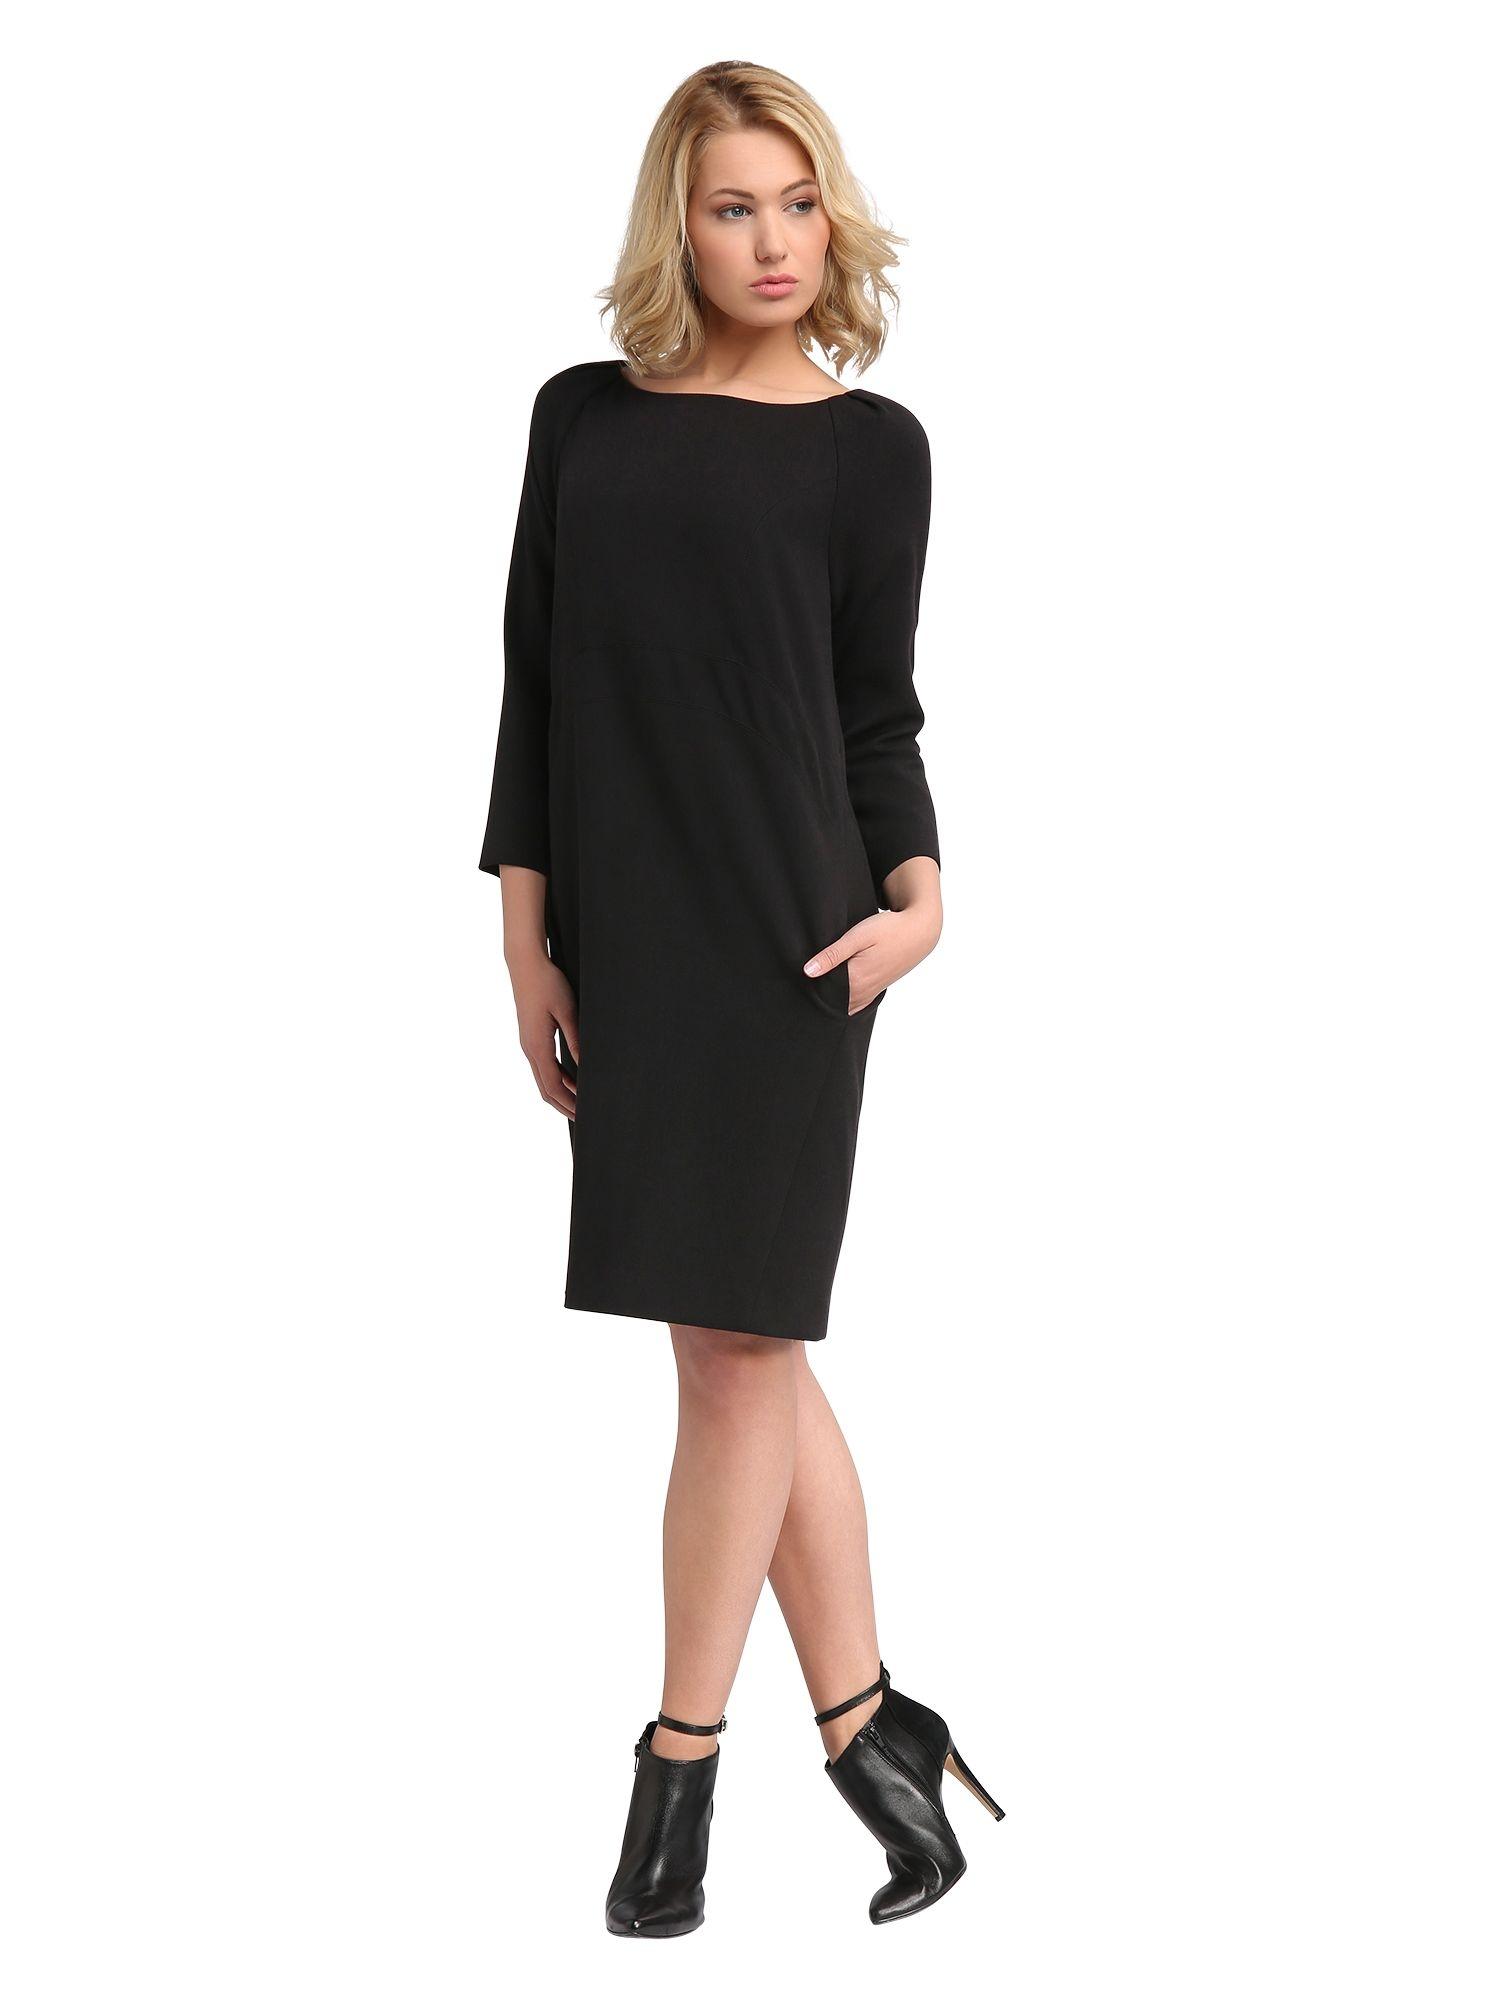 APART Fashion Damen Mode Kleid SCHWARZ | eBay